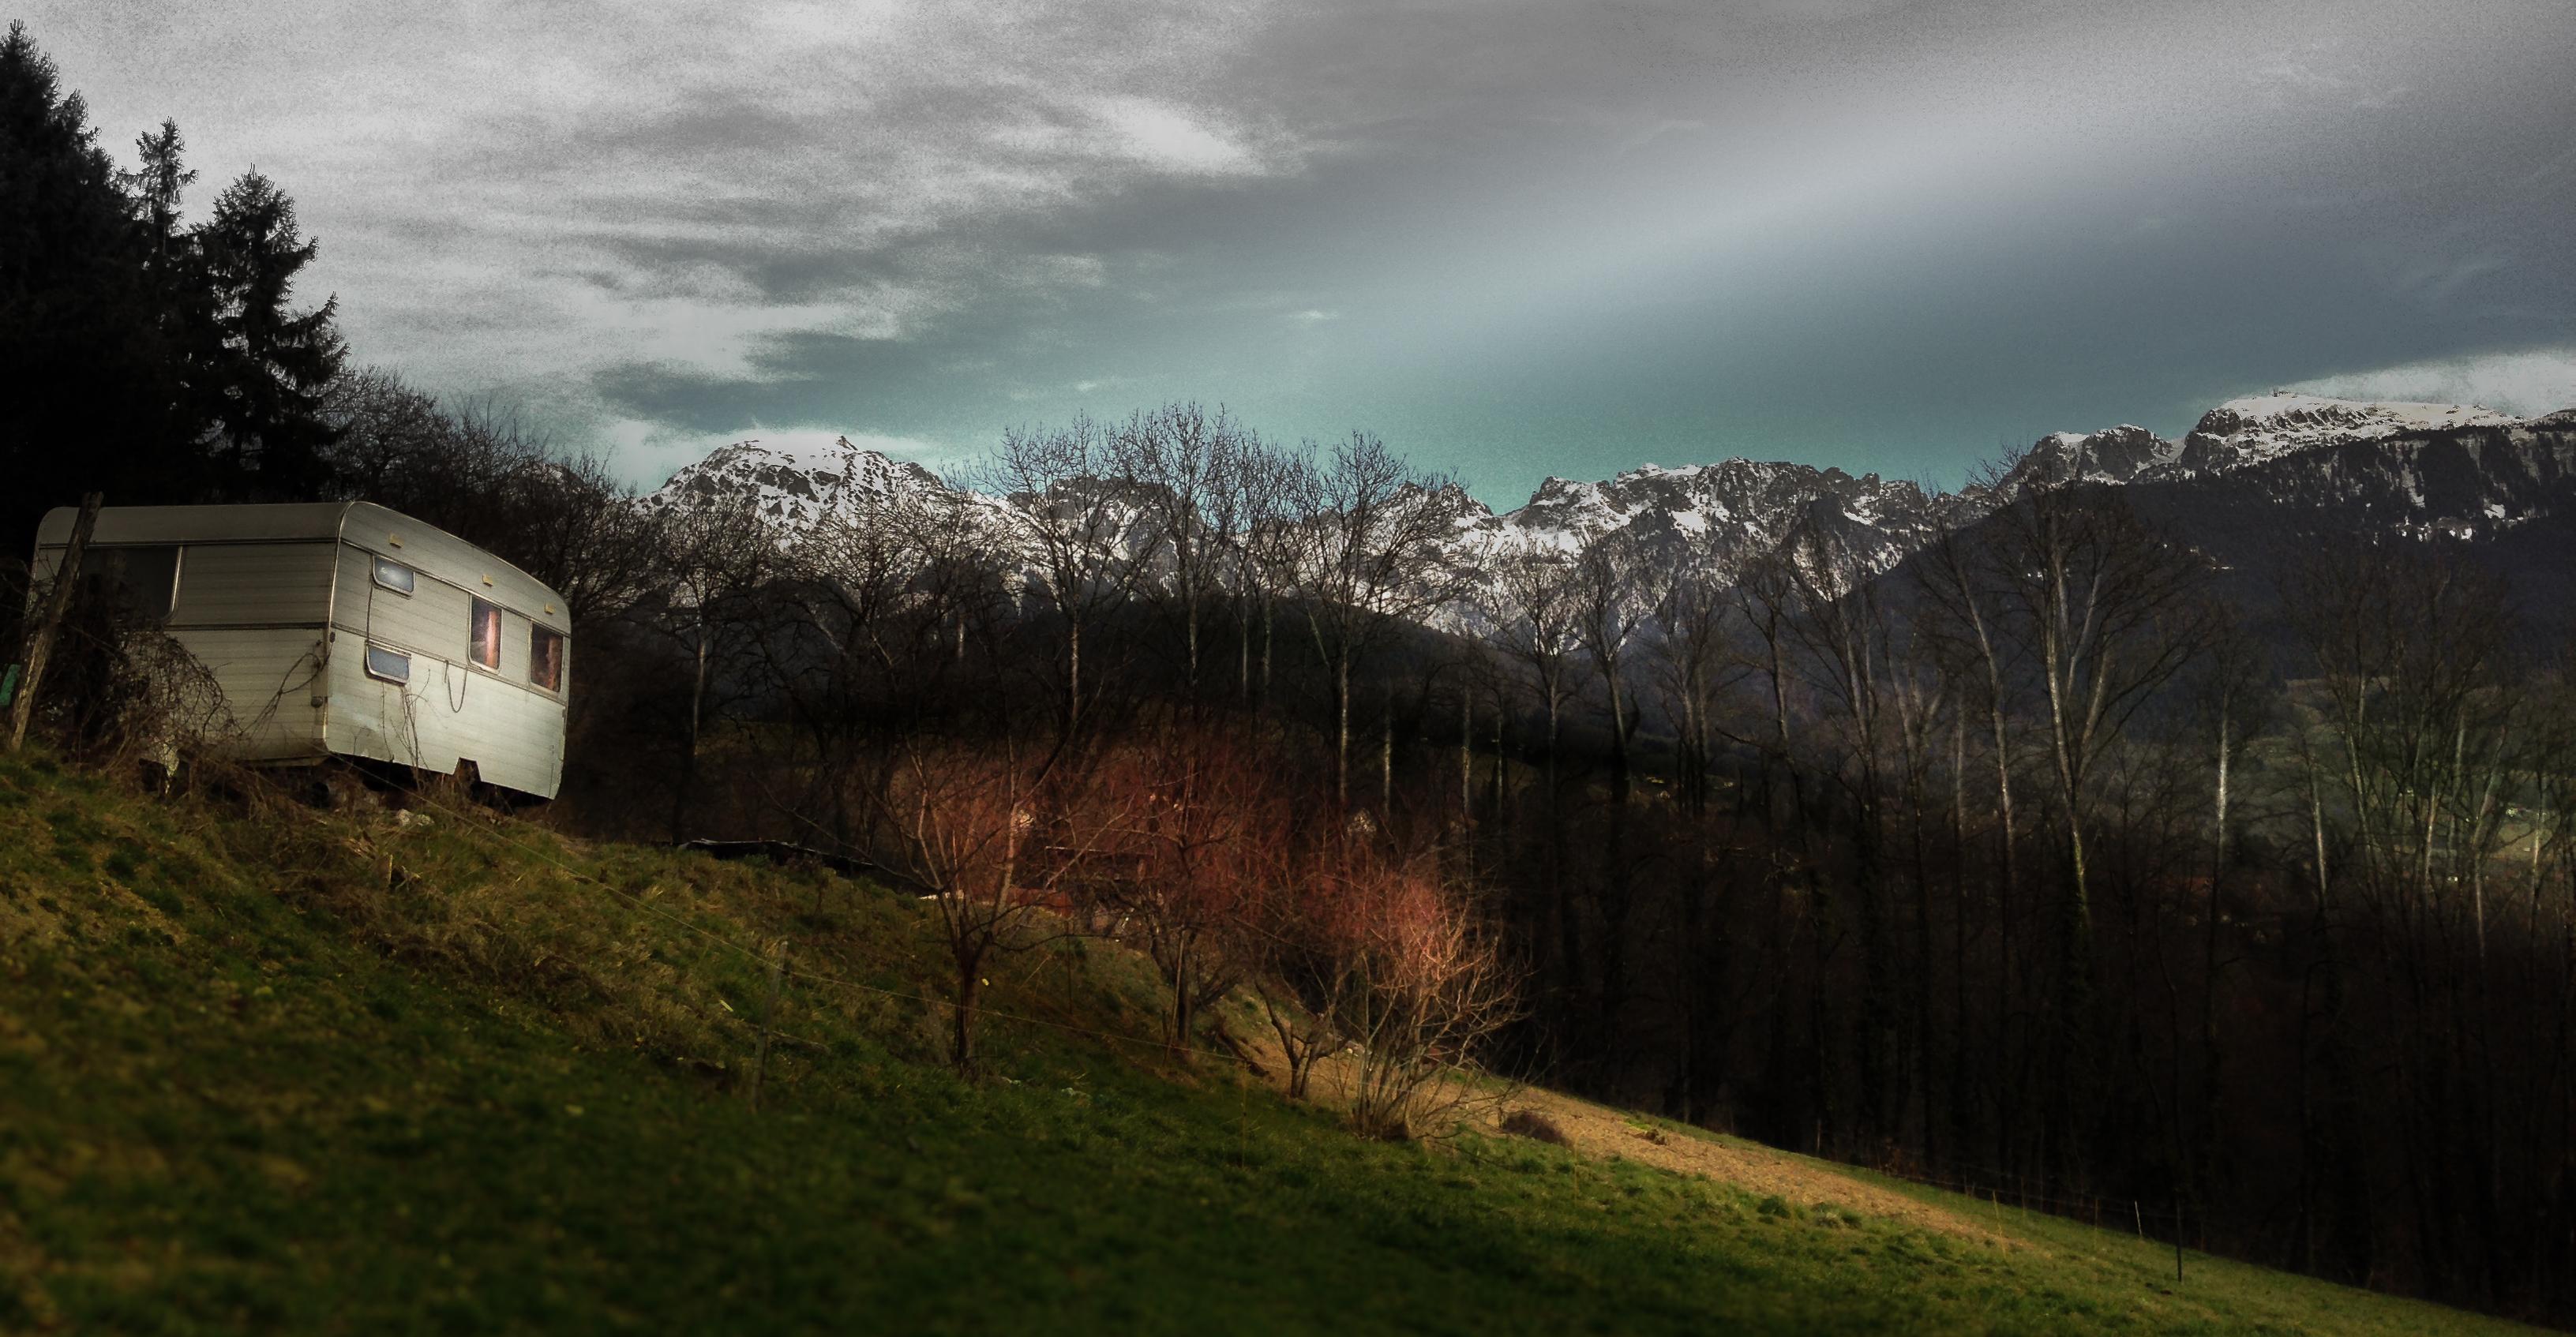 Wallpaper Belledonne Chamrousse Alpes Landscape Iphone Sunset Camping 3263x1694 978163 Hd Wallpapers Wallhere